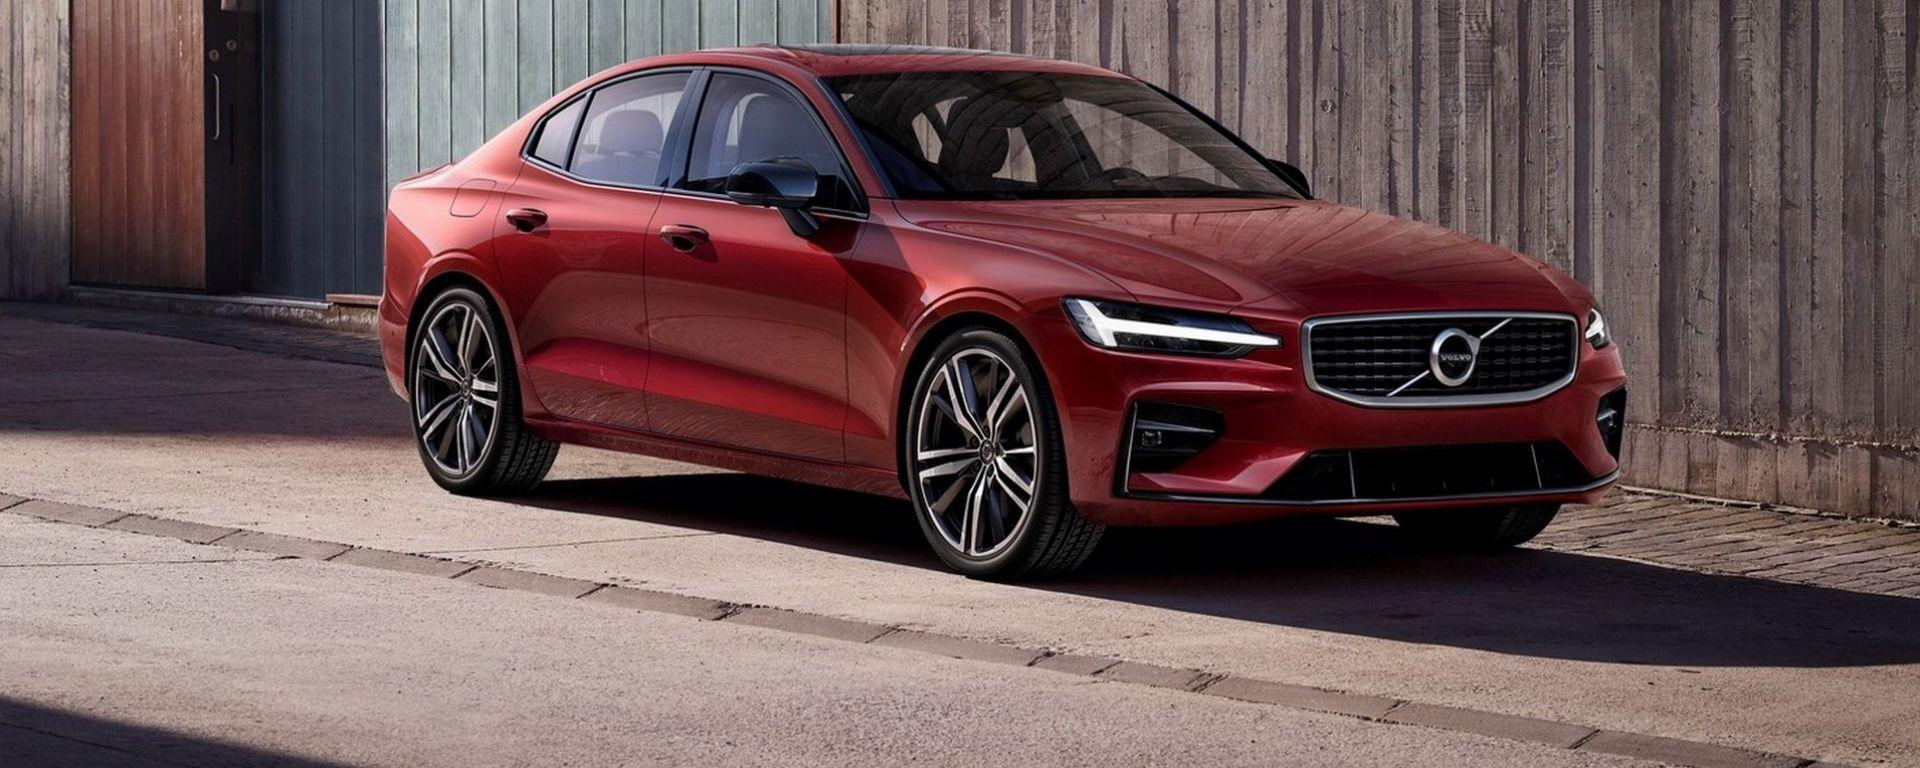 Ecco la nuova Volvo S60: non c'è diesel